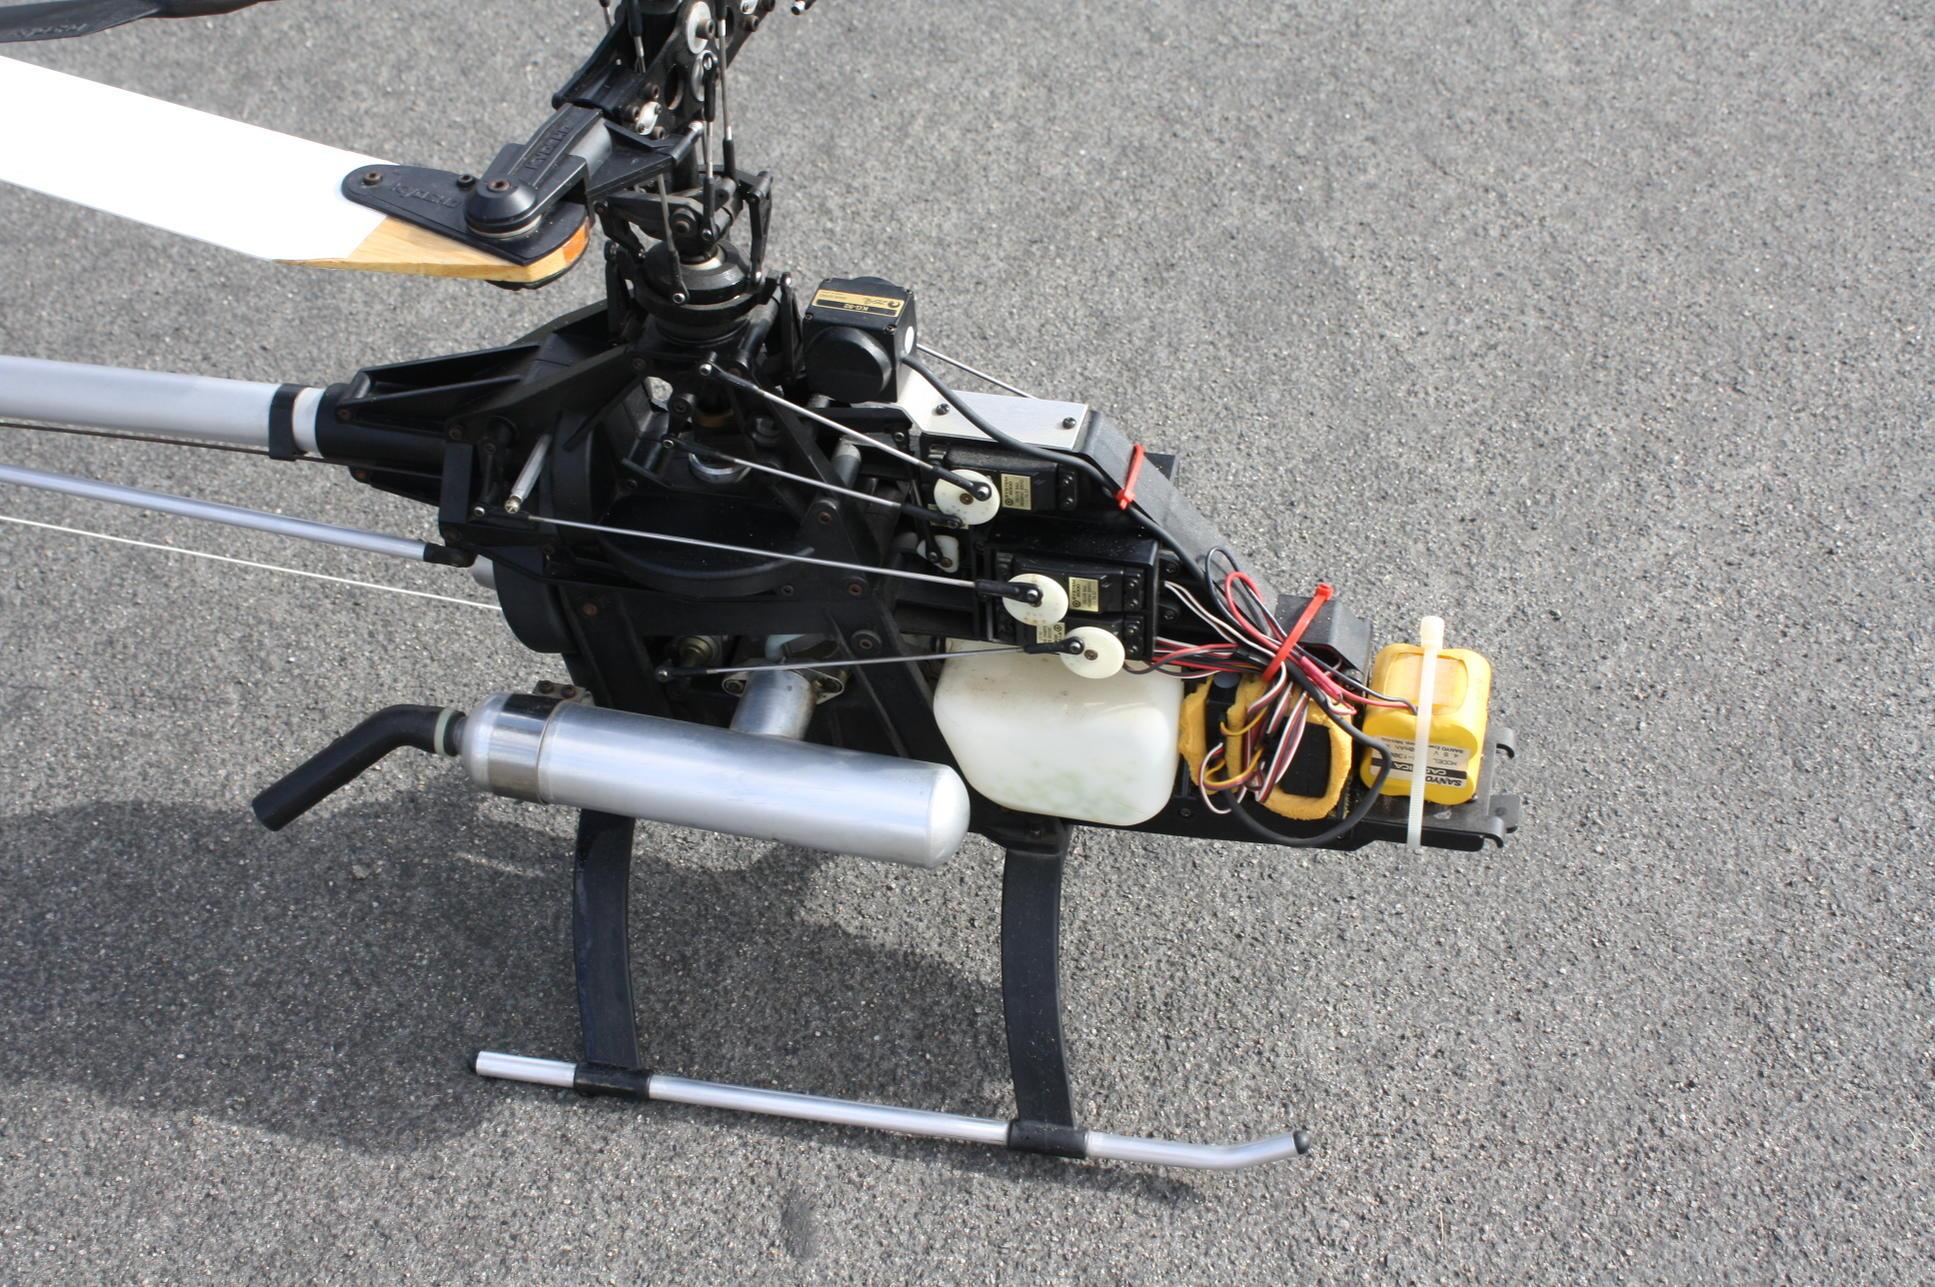 KYOSHO H6115 SERVO FRAME SET CONCEPT 60 HELICOPTER PARTS